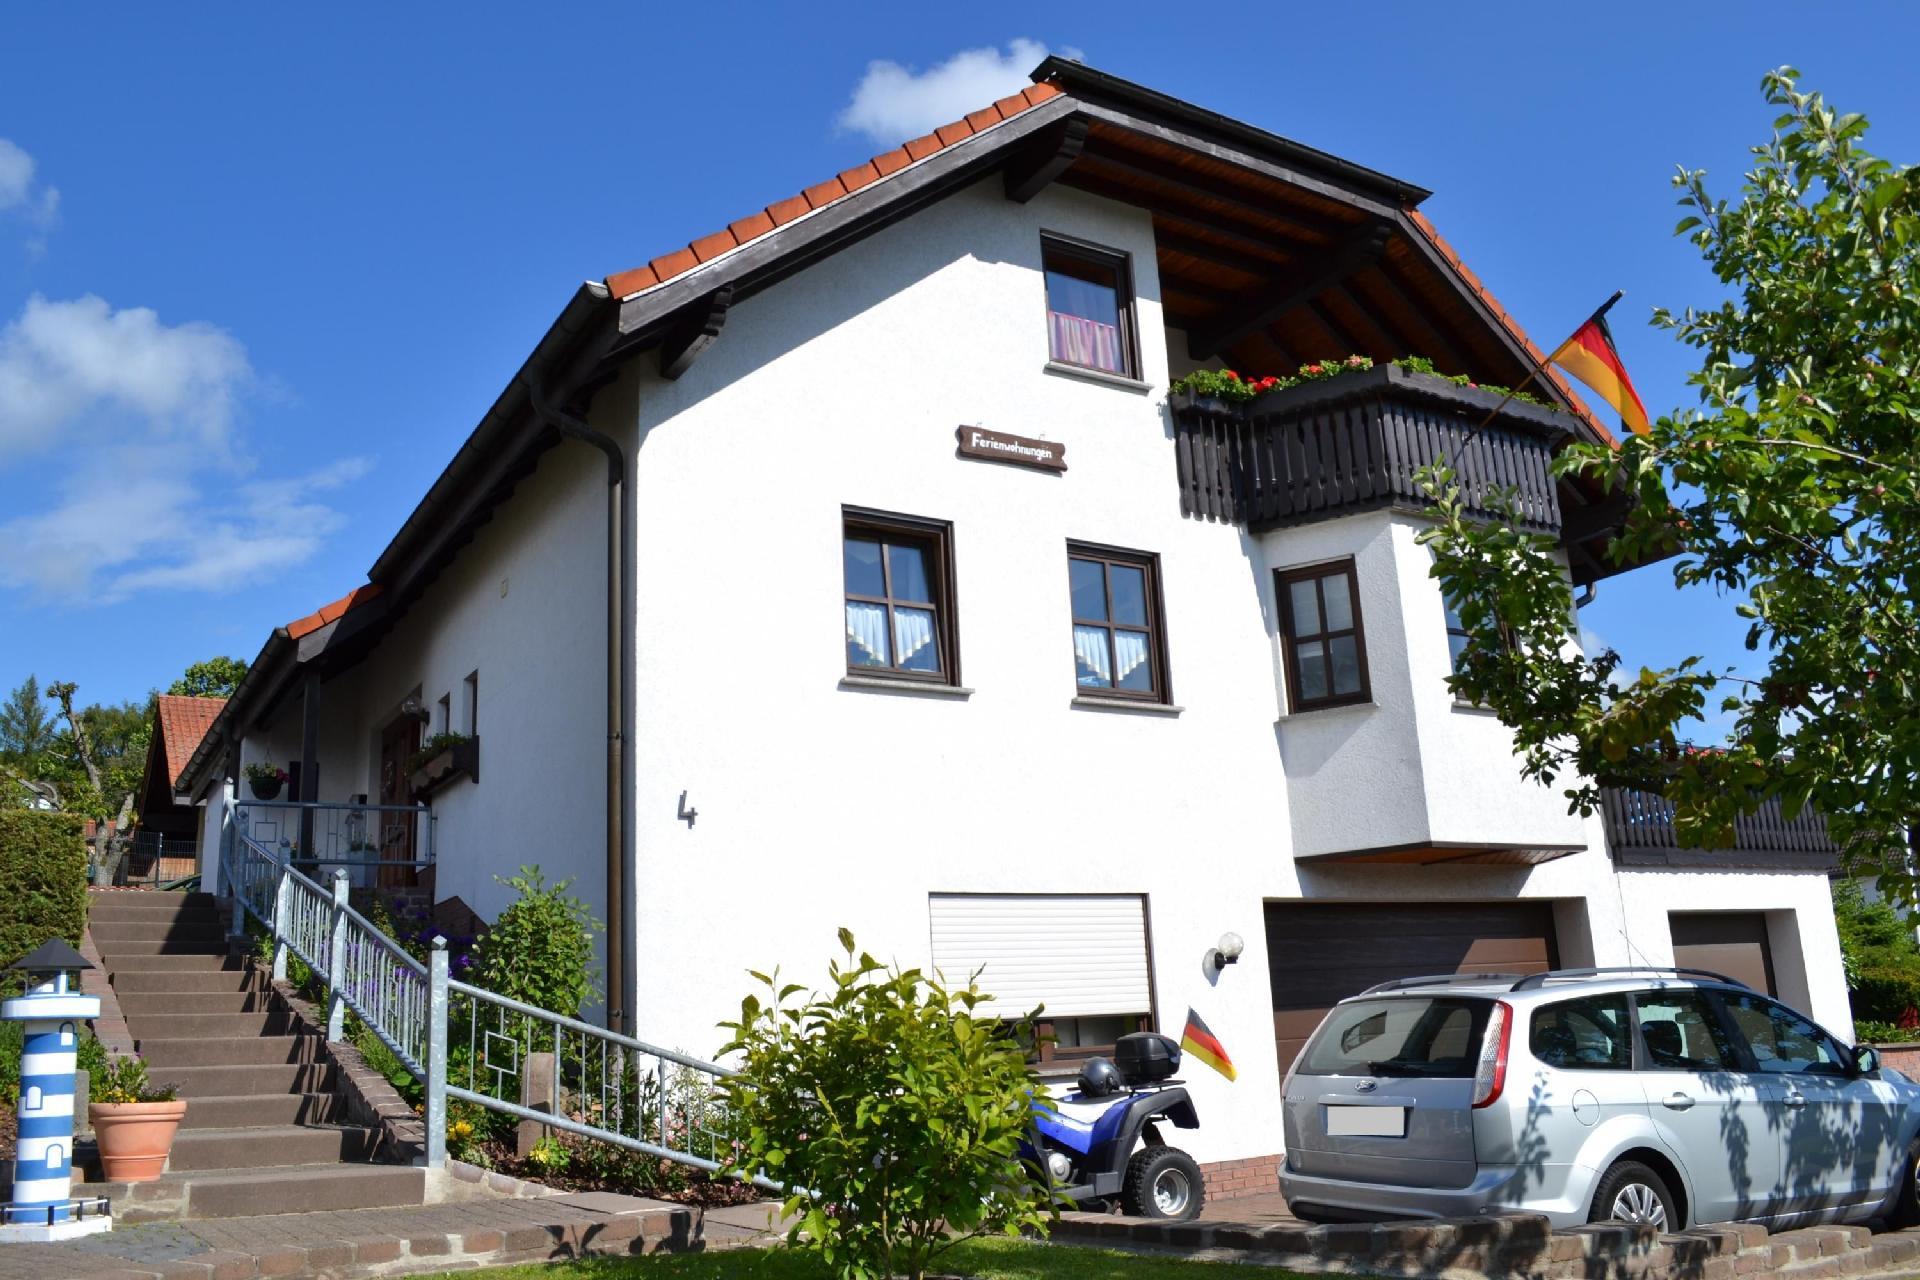 Ferienwohnung für 4 Personen ca. 50 m² i  in Hessen